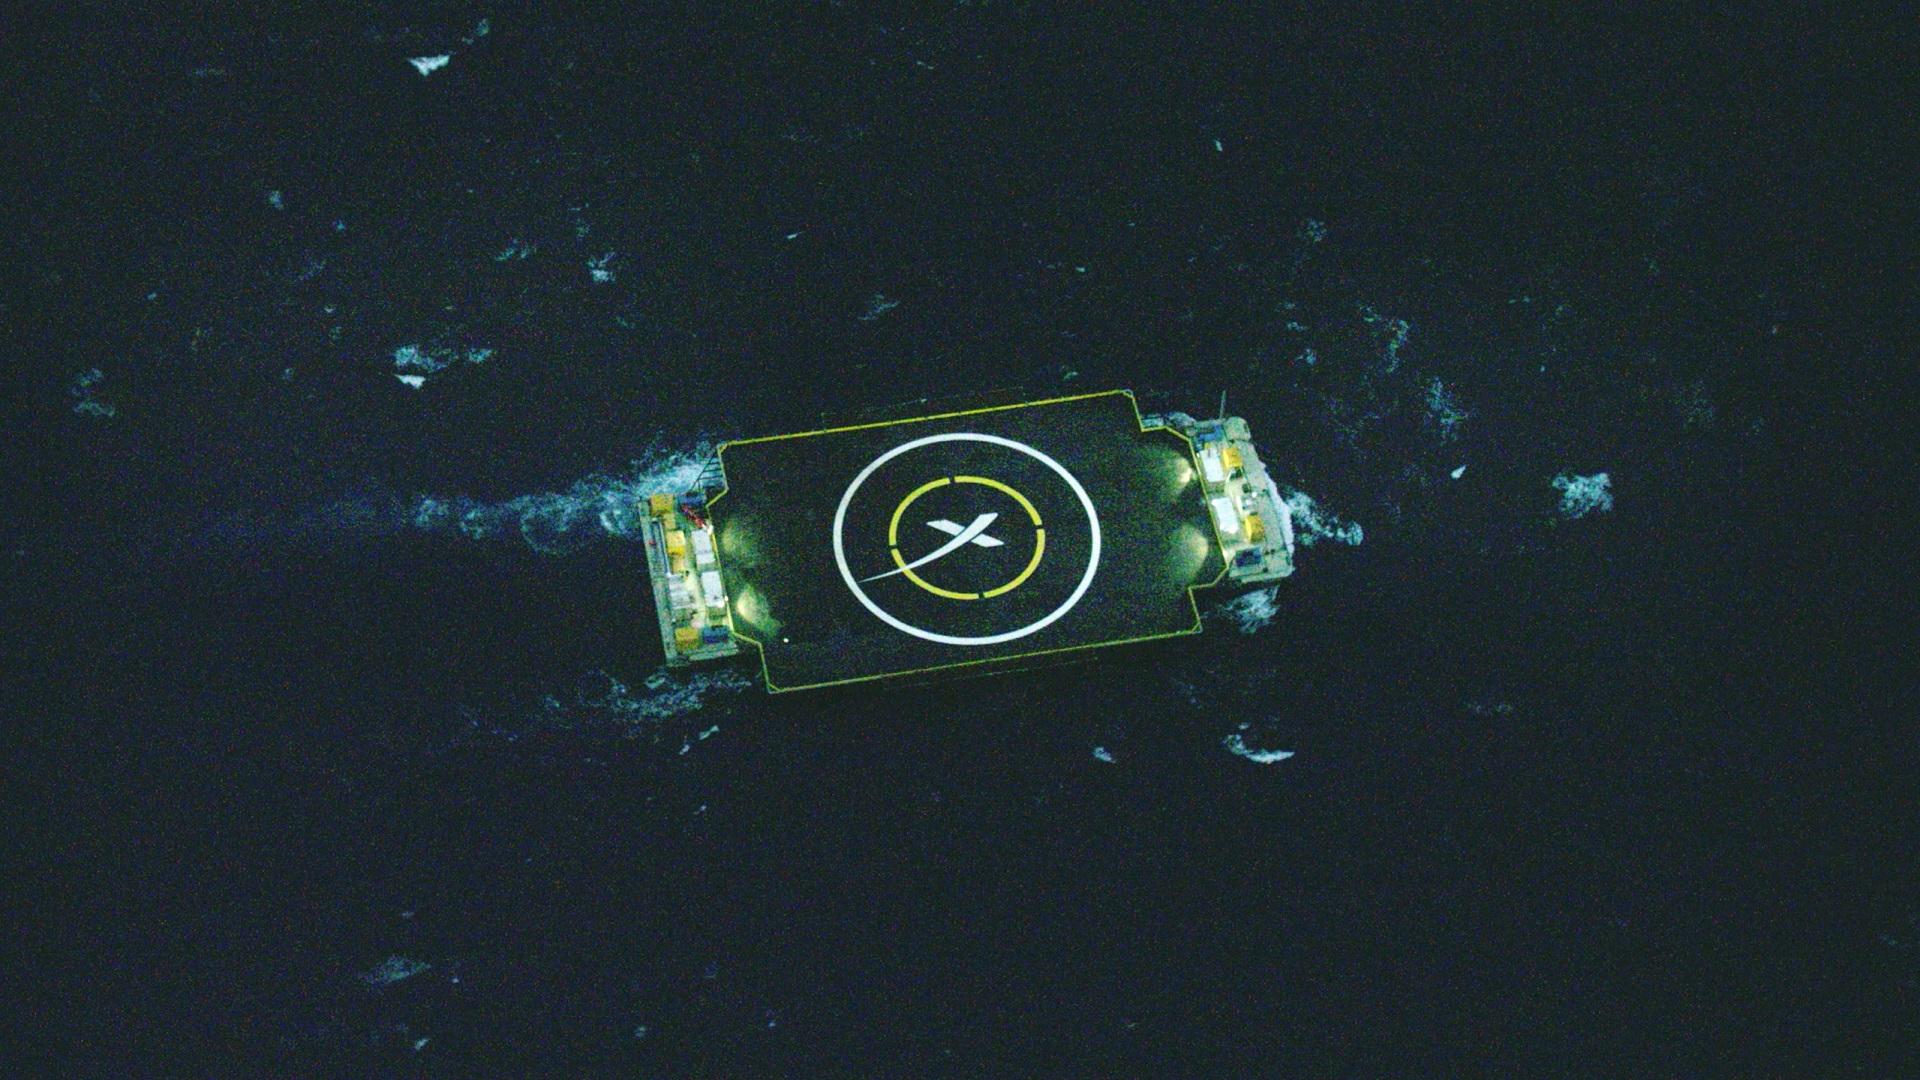 Первая ступень Falcon 9 совершила жёсткую посадку на плавучую платформу в трёхстах километрах от северо-восточного побережья Флориды